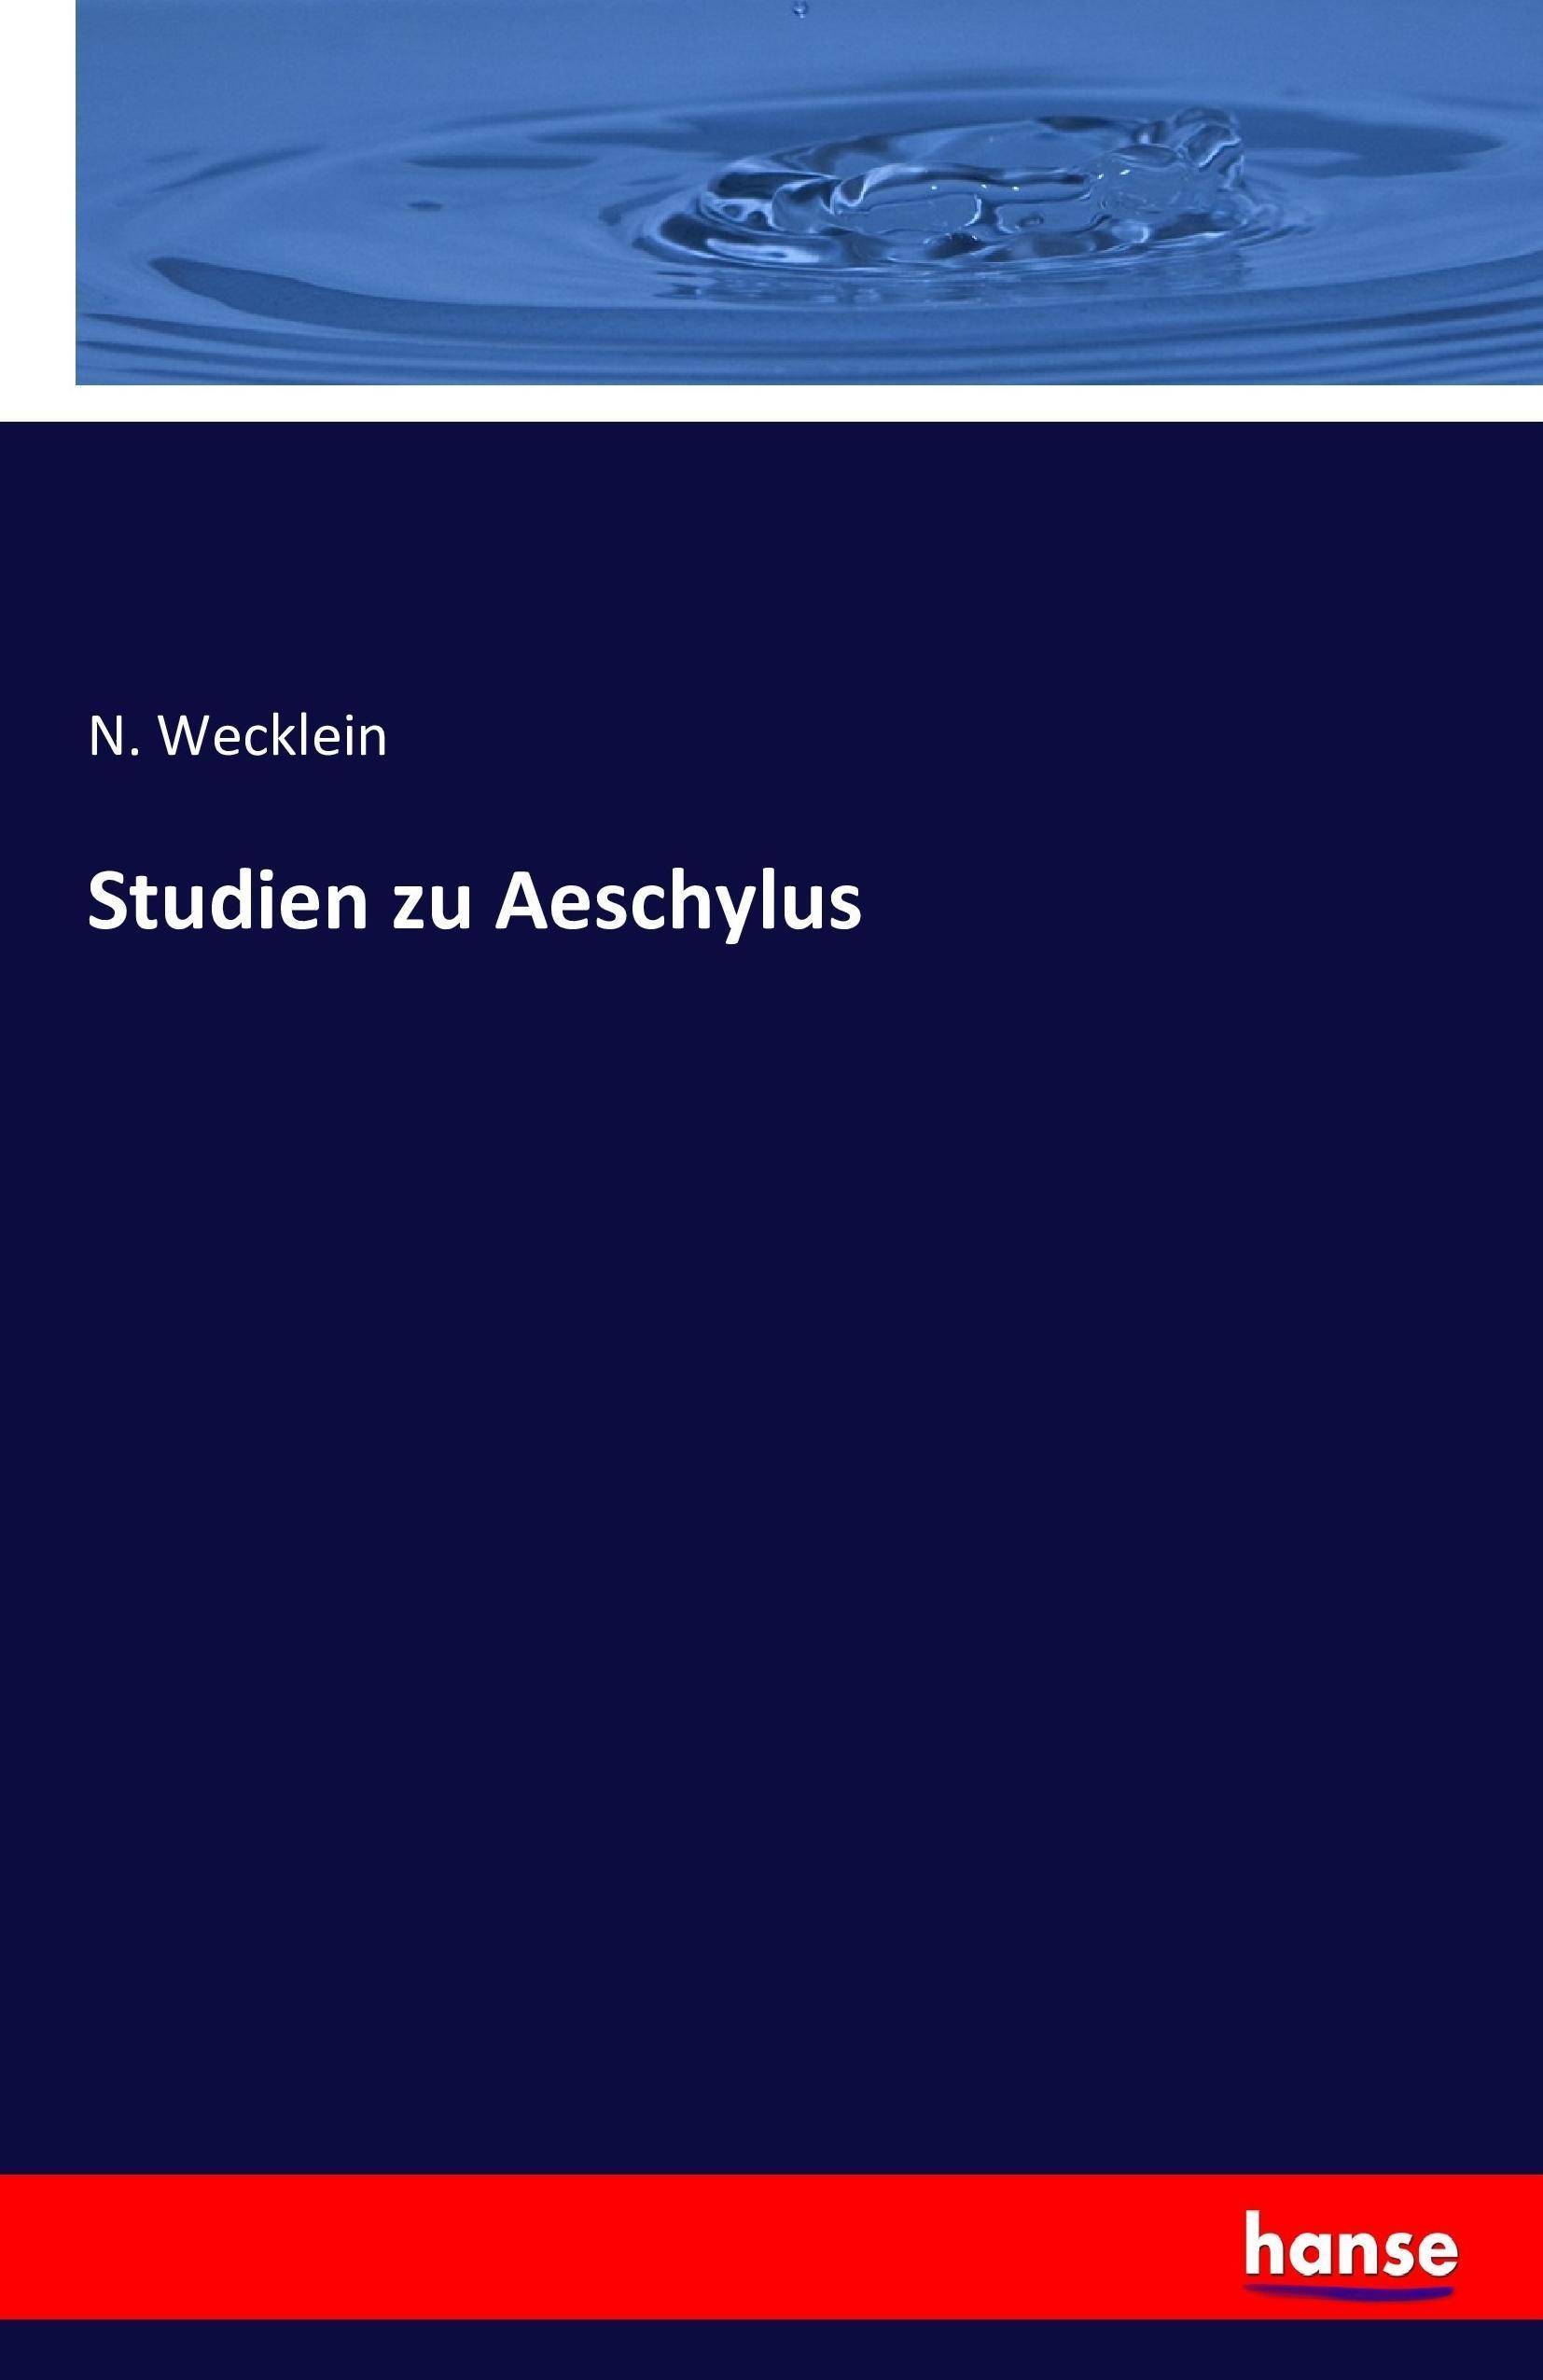 Studien zu Aeschylus N. Wecklein